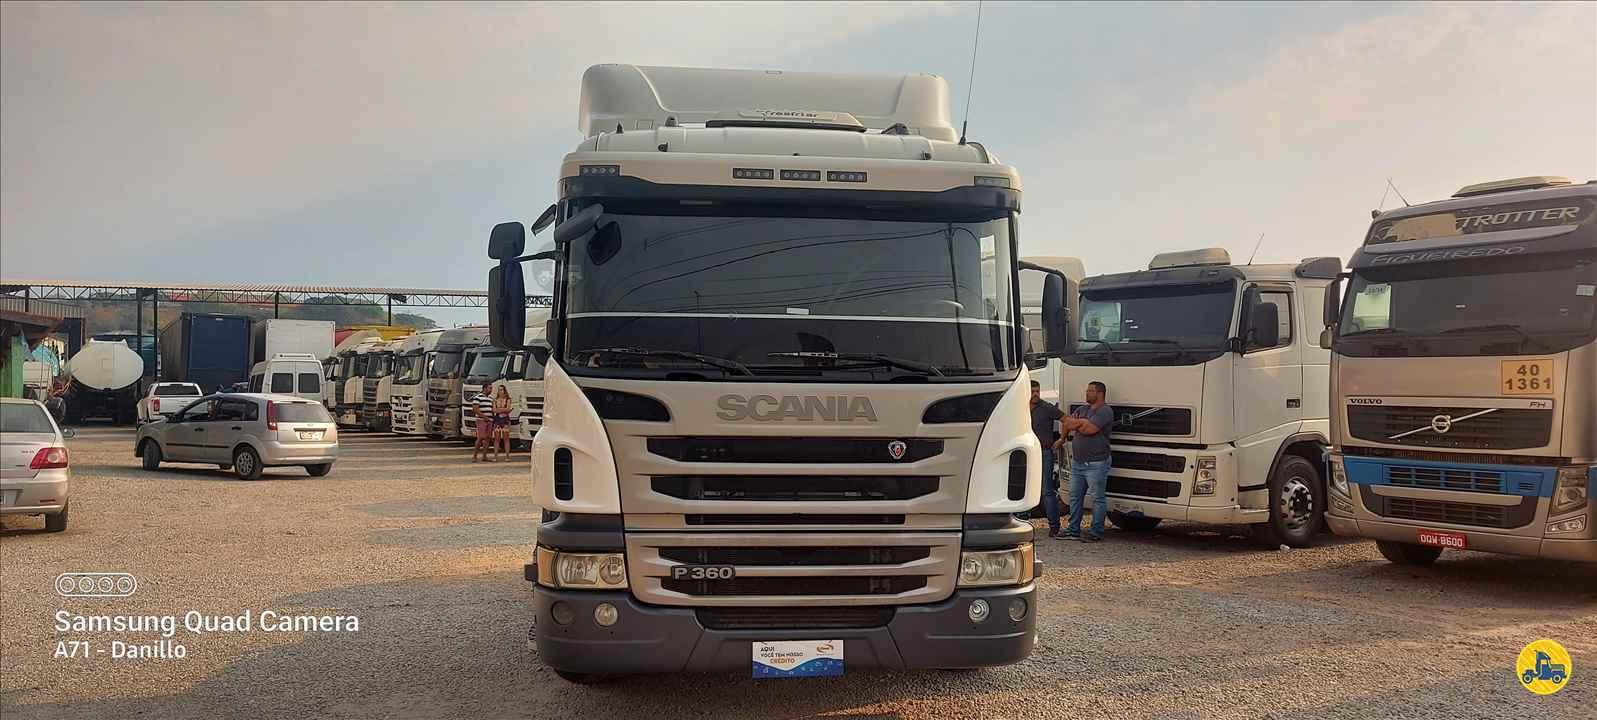 CAMINHAO SCANIA SCANIA 360 Cavalo Mecânico Toco 4x2 13 de Maio Caminhões BETIM MINAS GERAIS MG